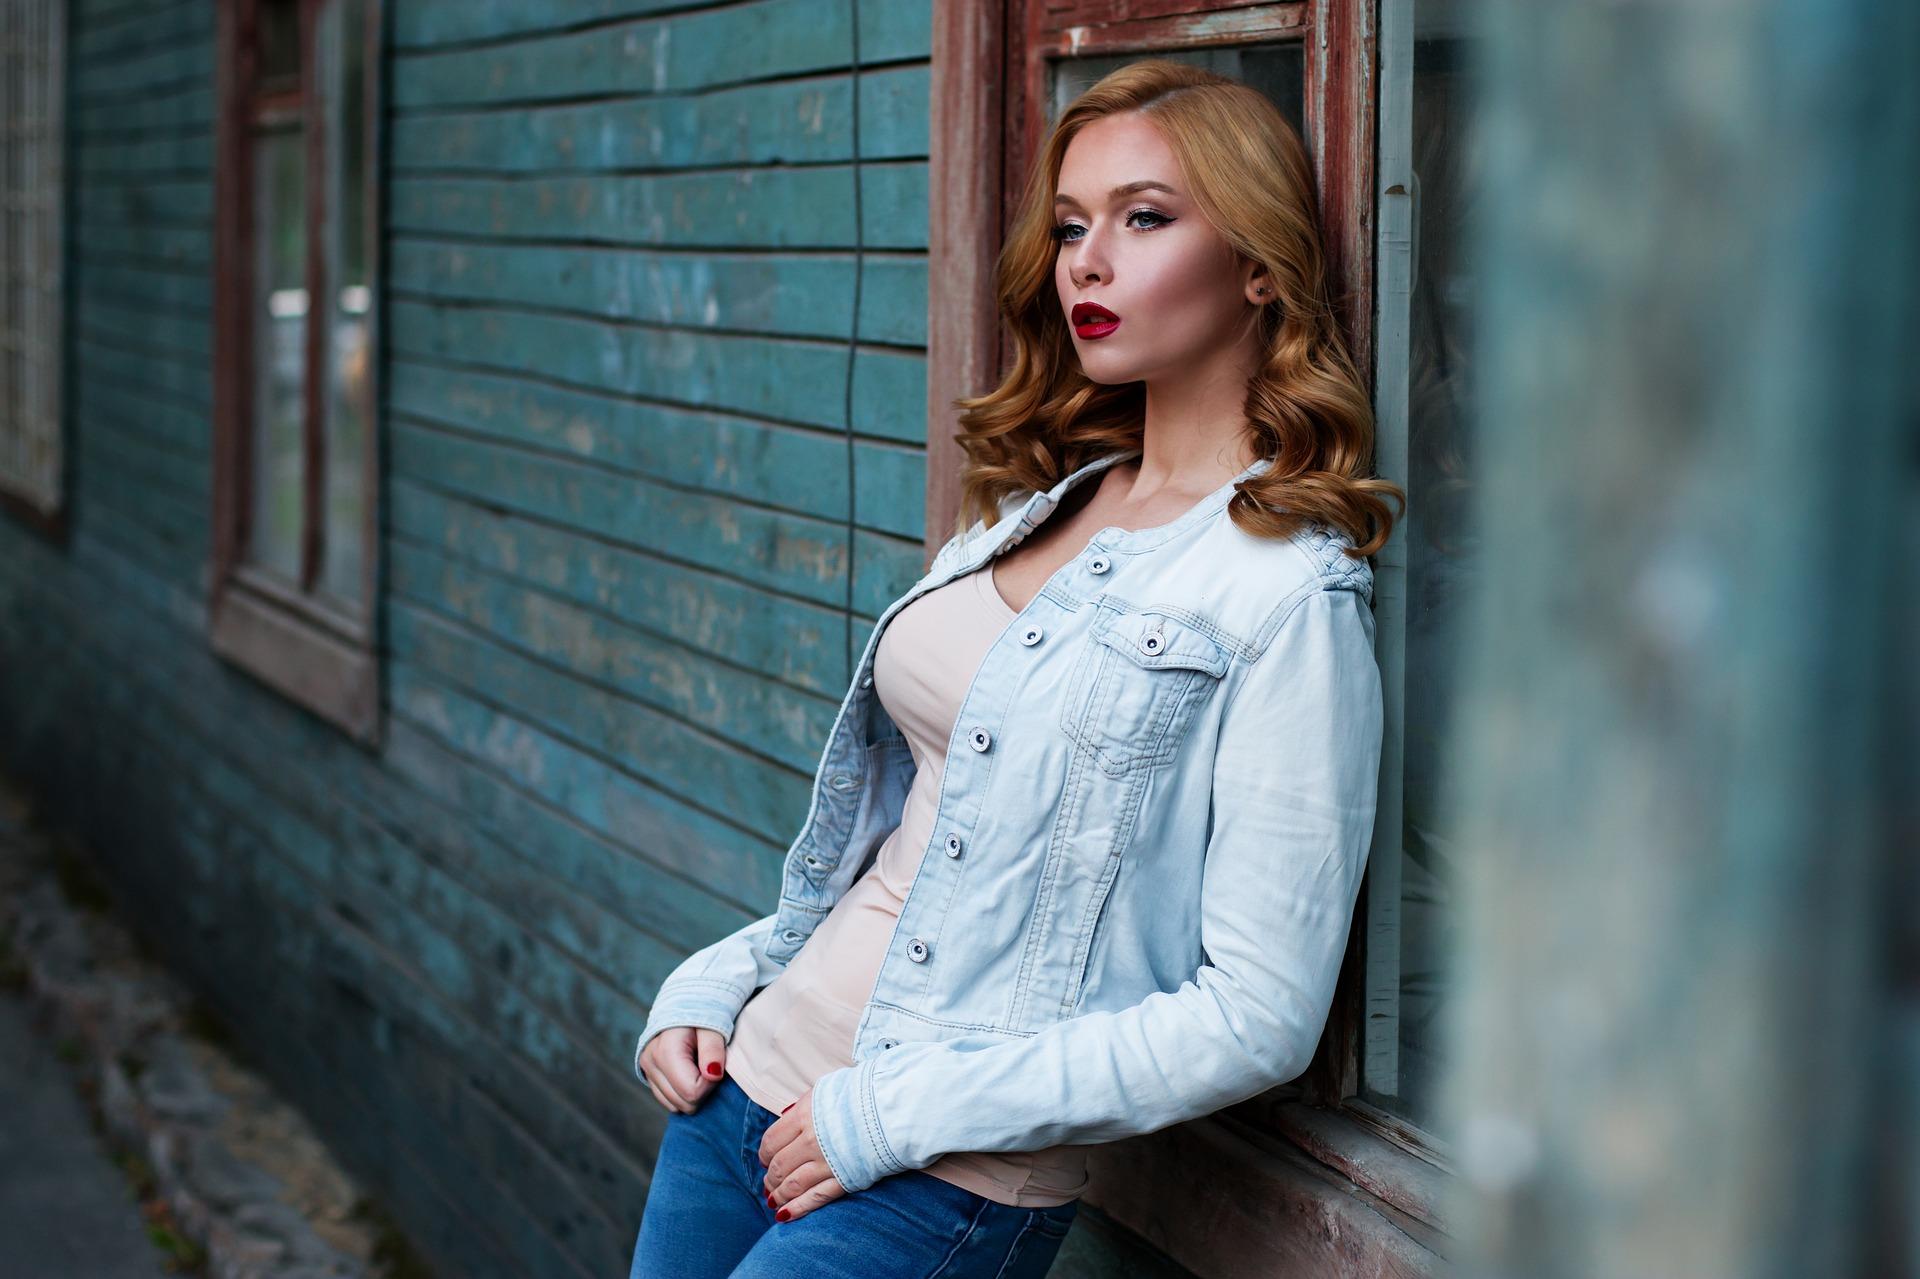 Comment réussir à séduire des femmes russes?